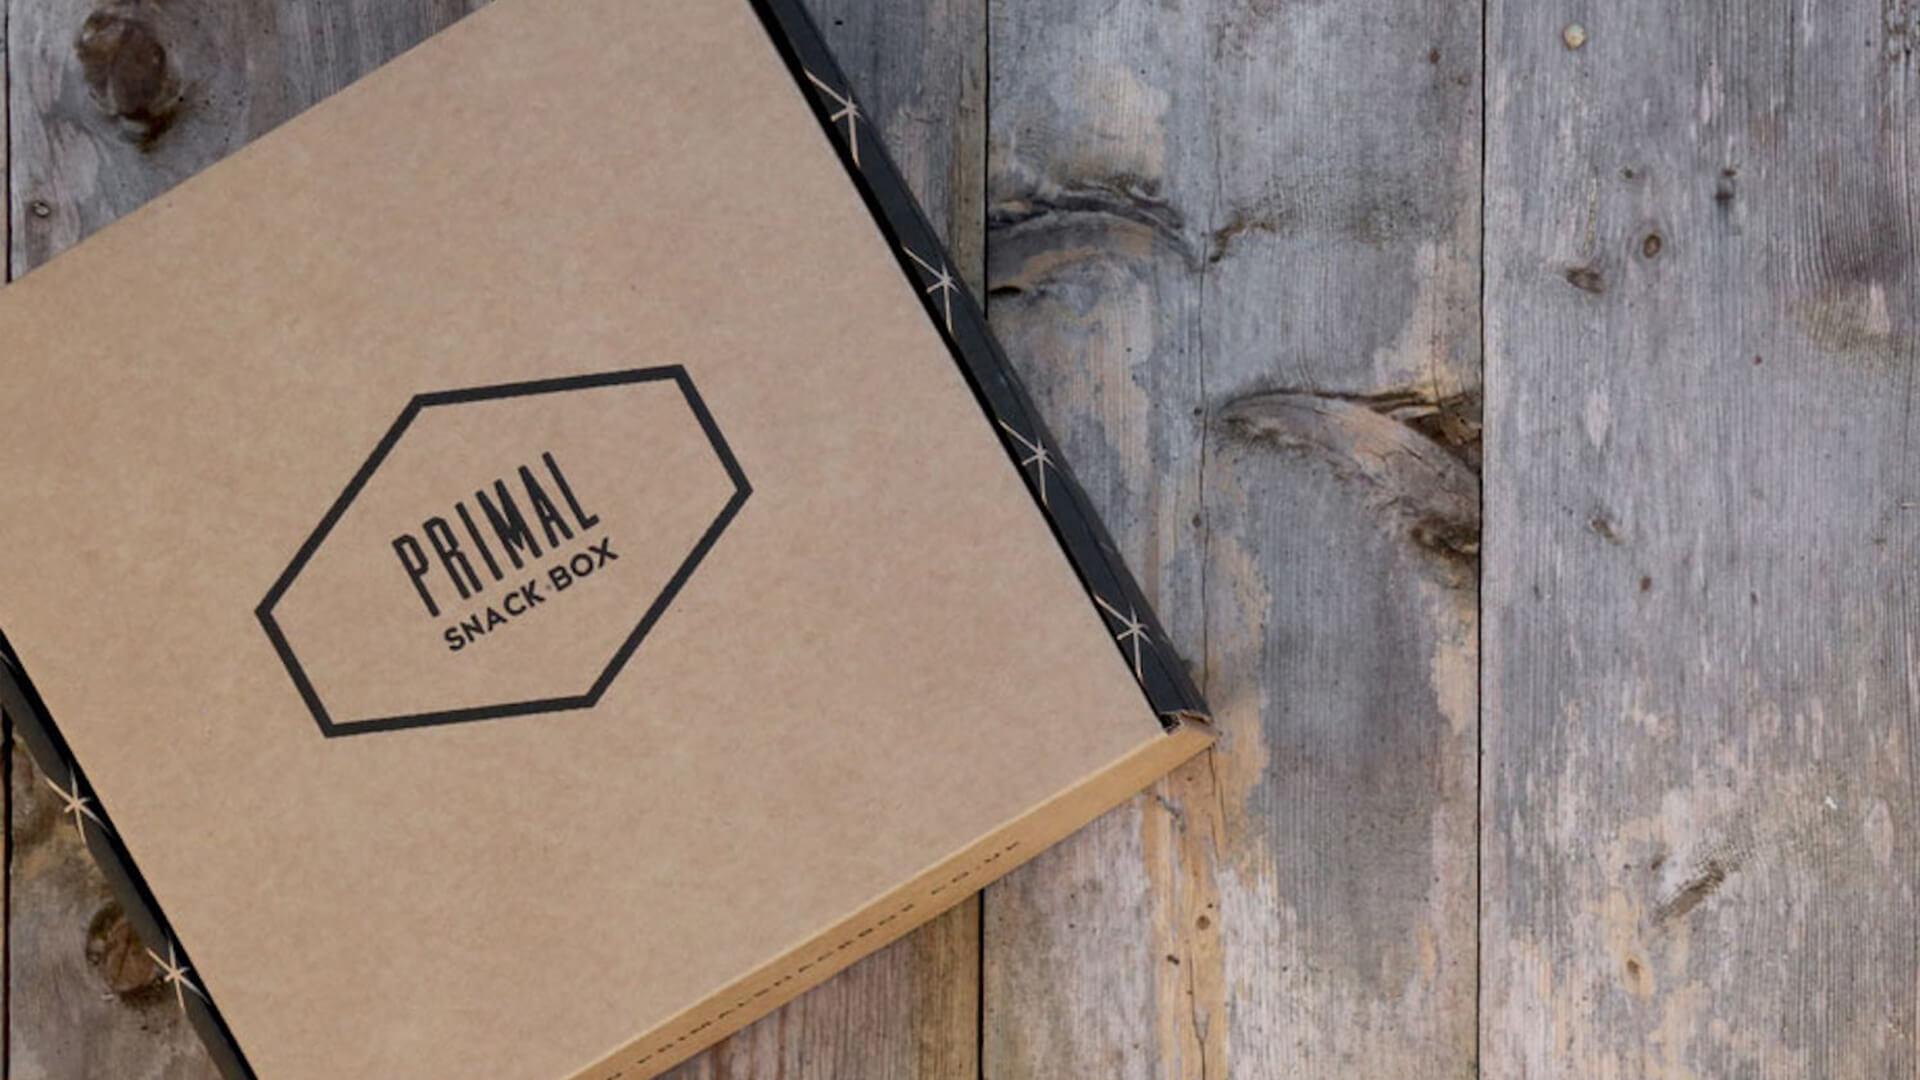 Primal snack box 5